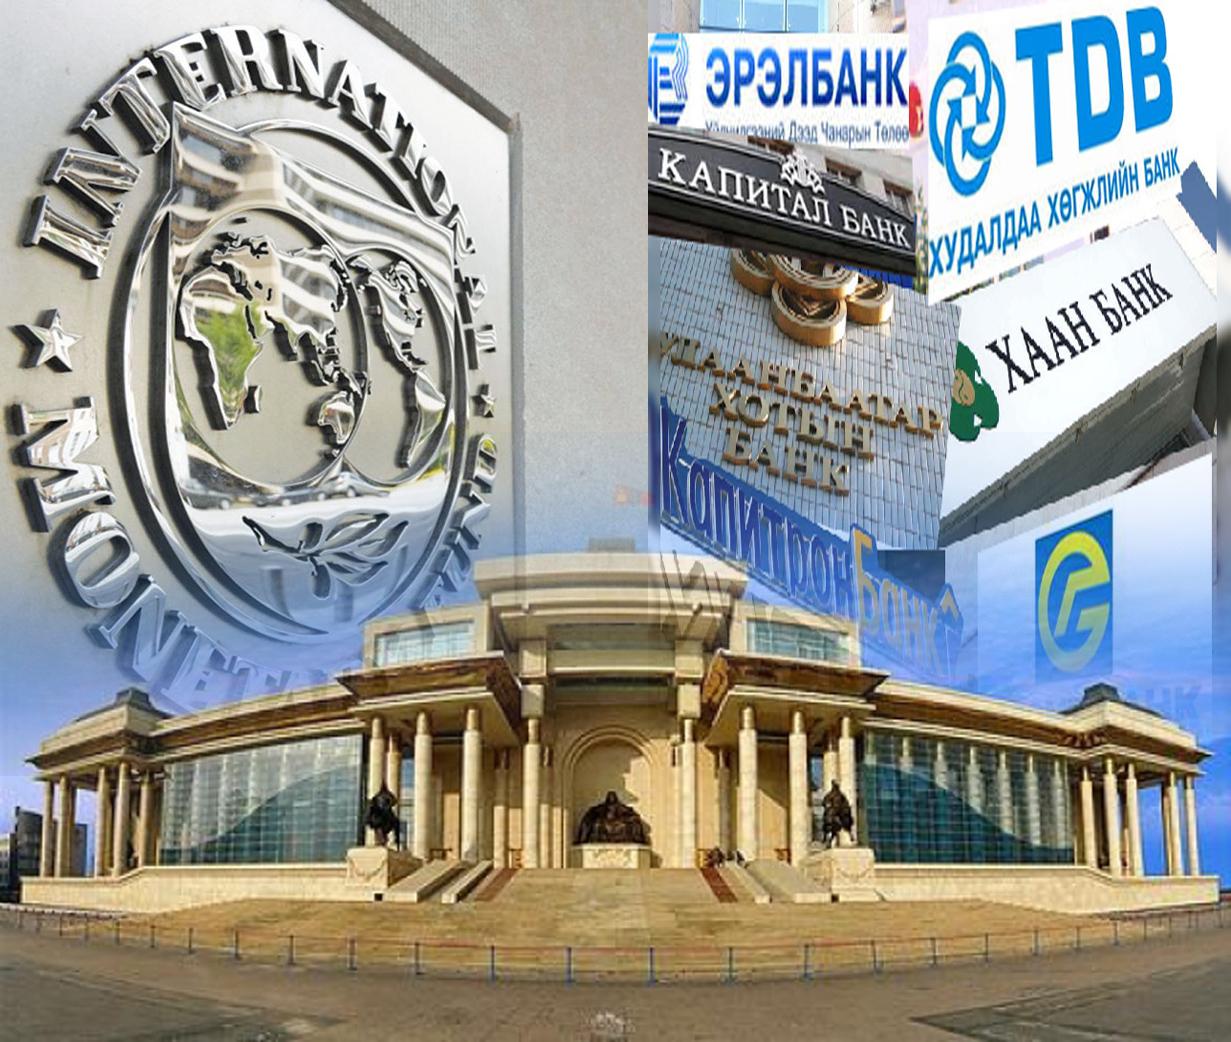 ОУВС арилжааны банкуудын